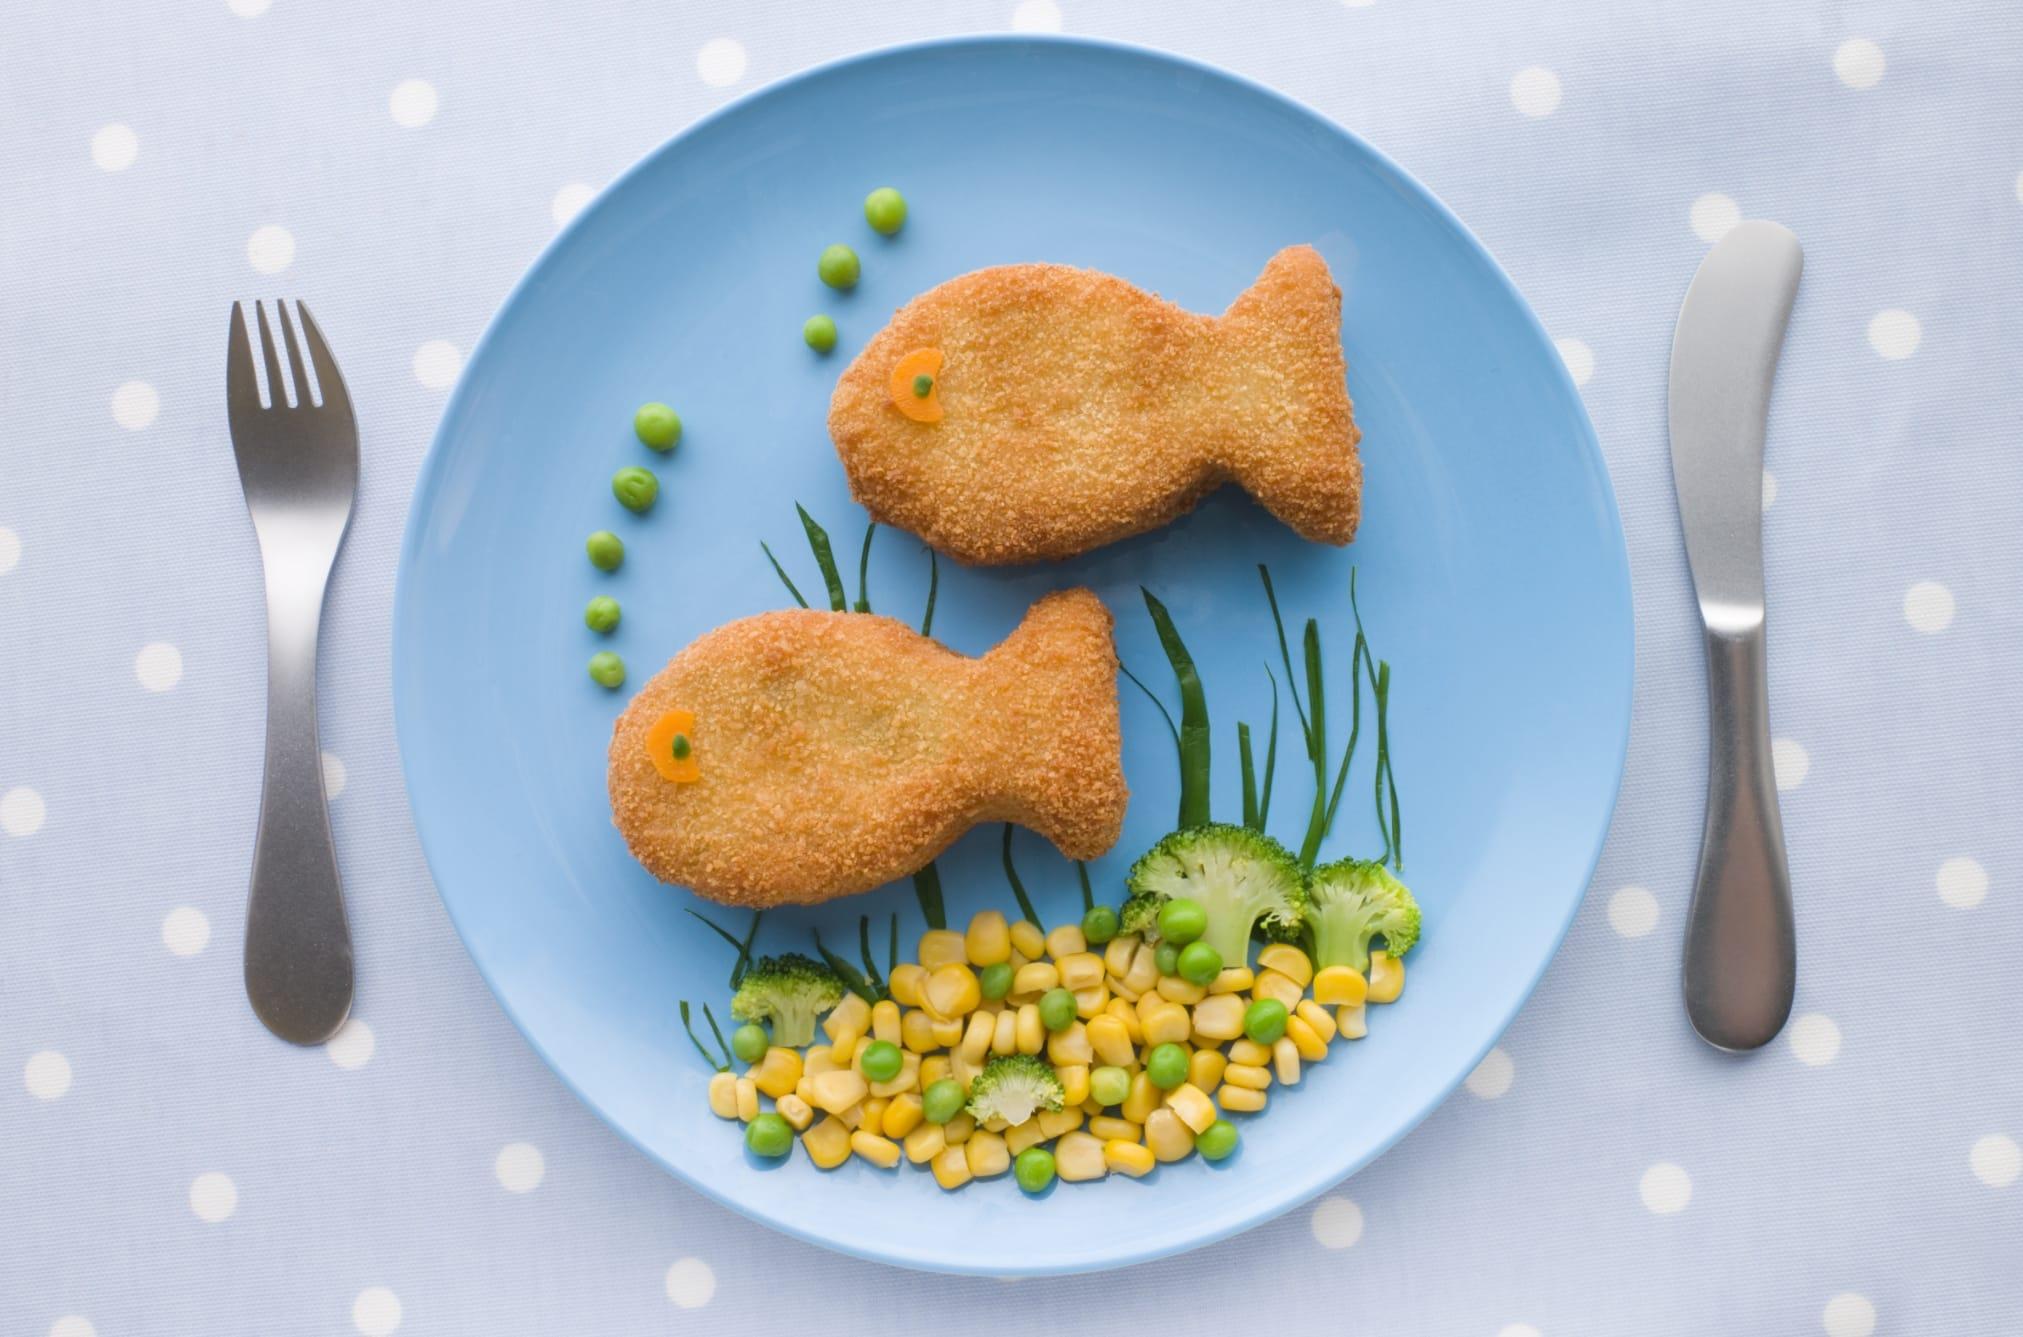 Pranzo Per Bambini 18 Mesi : Pranzo per bambini 18 mesi: ricette per bambini pensieri e fornelli